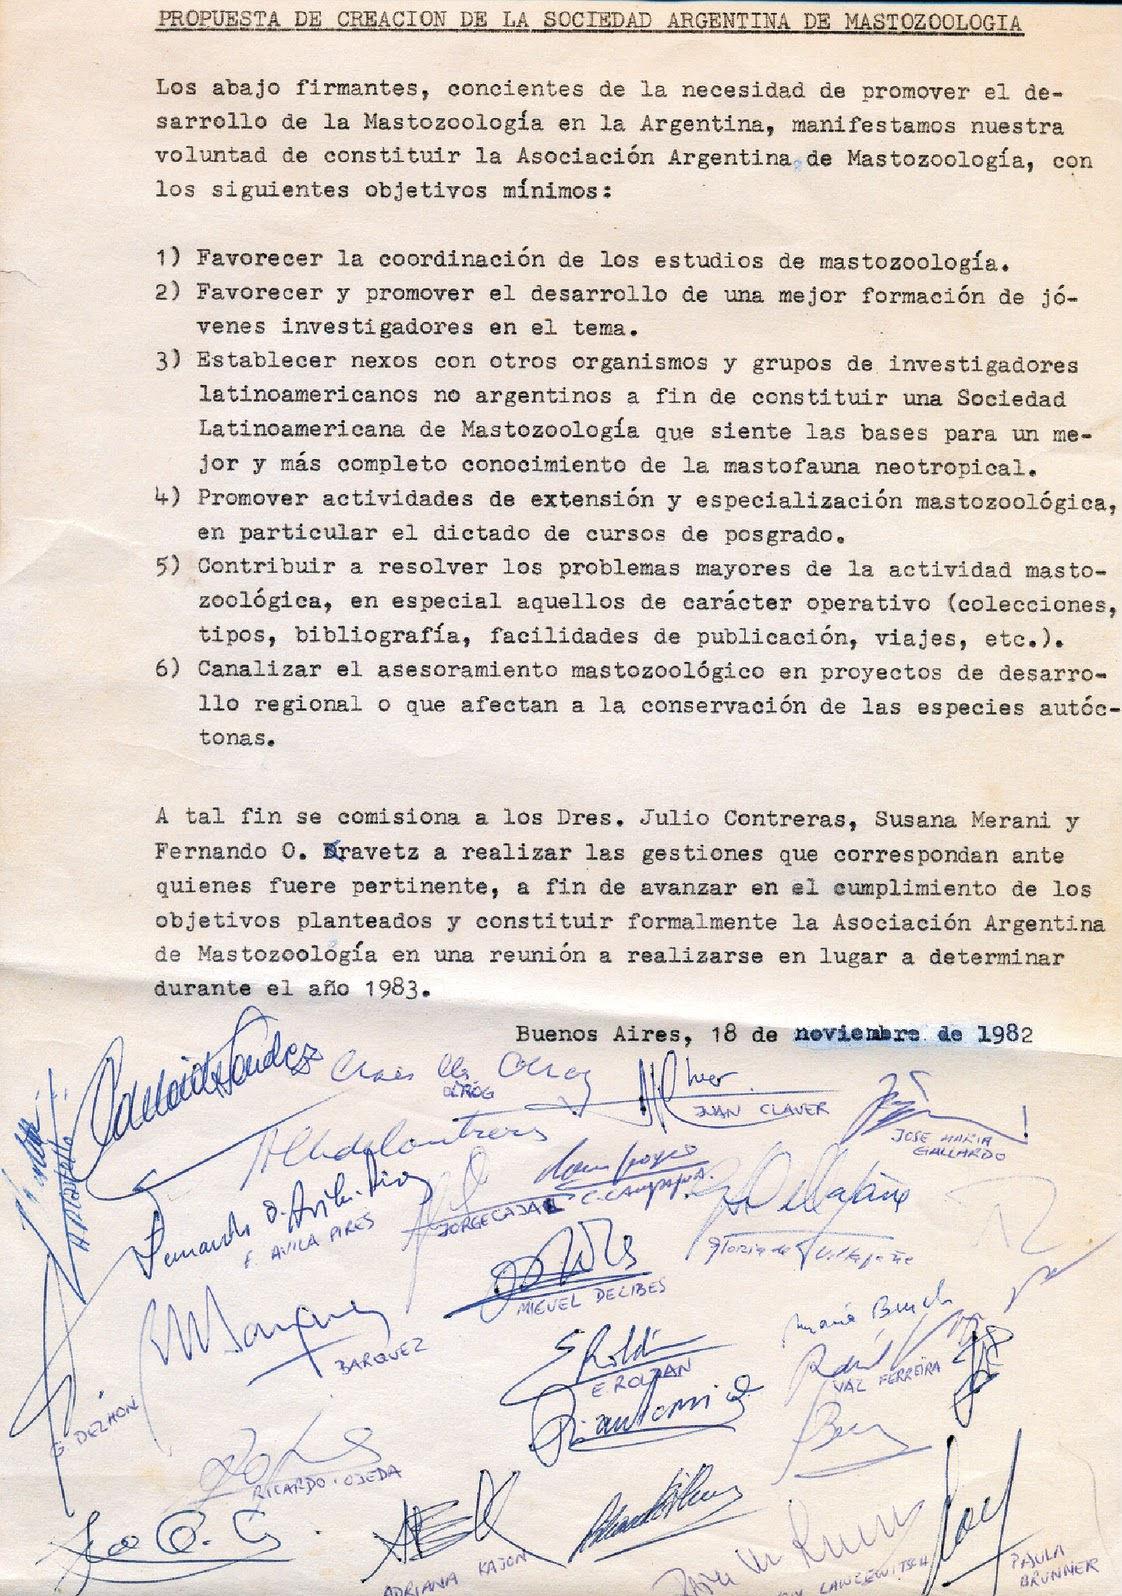 SAREM_Propuesta-de-creacion-1982